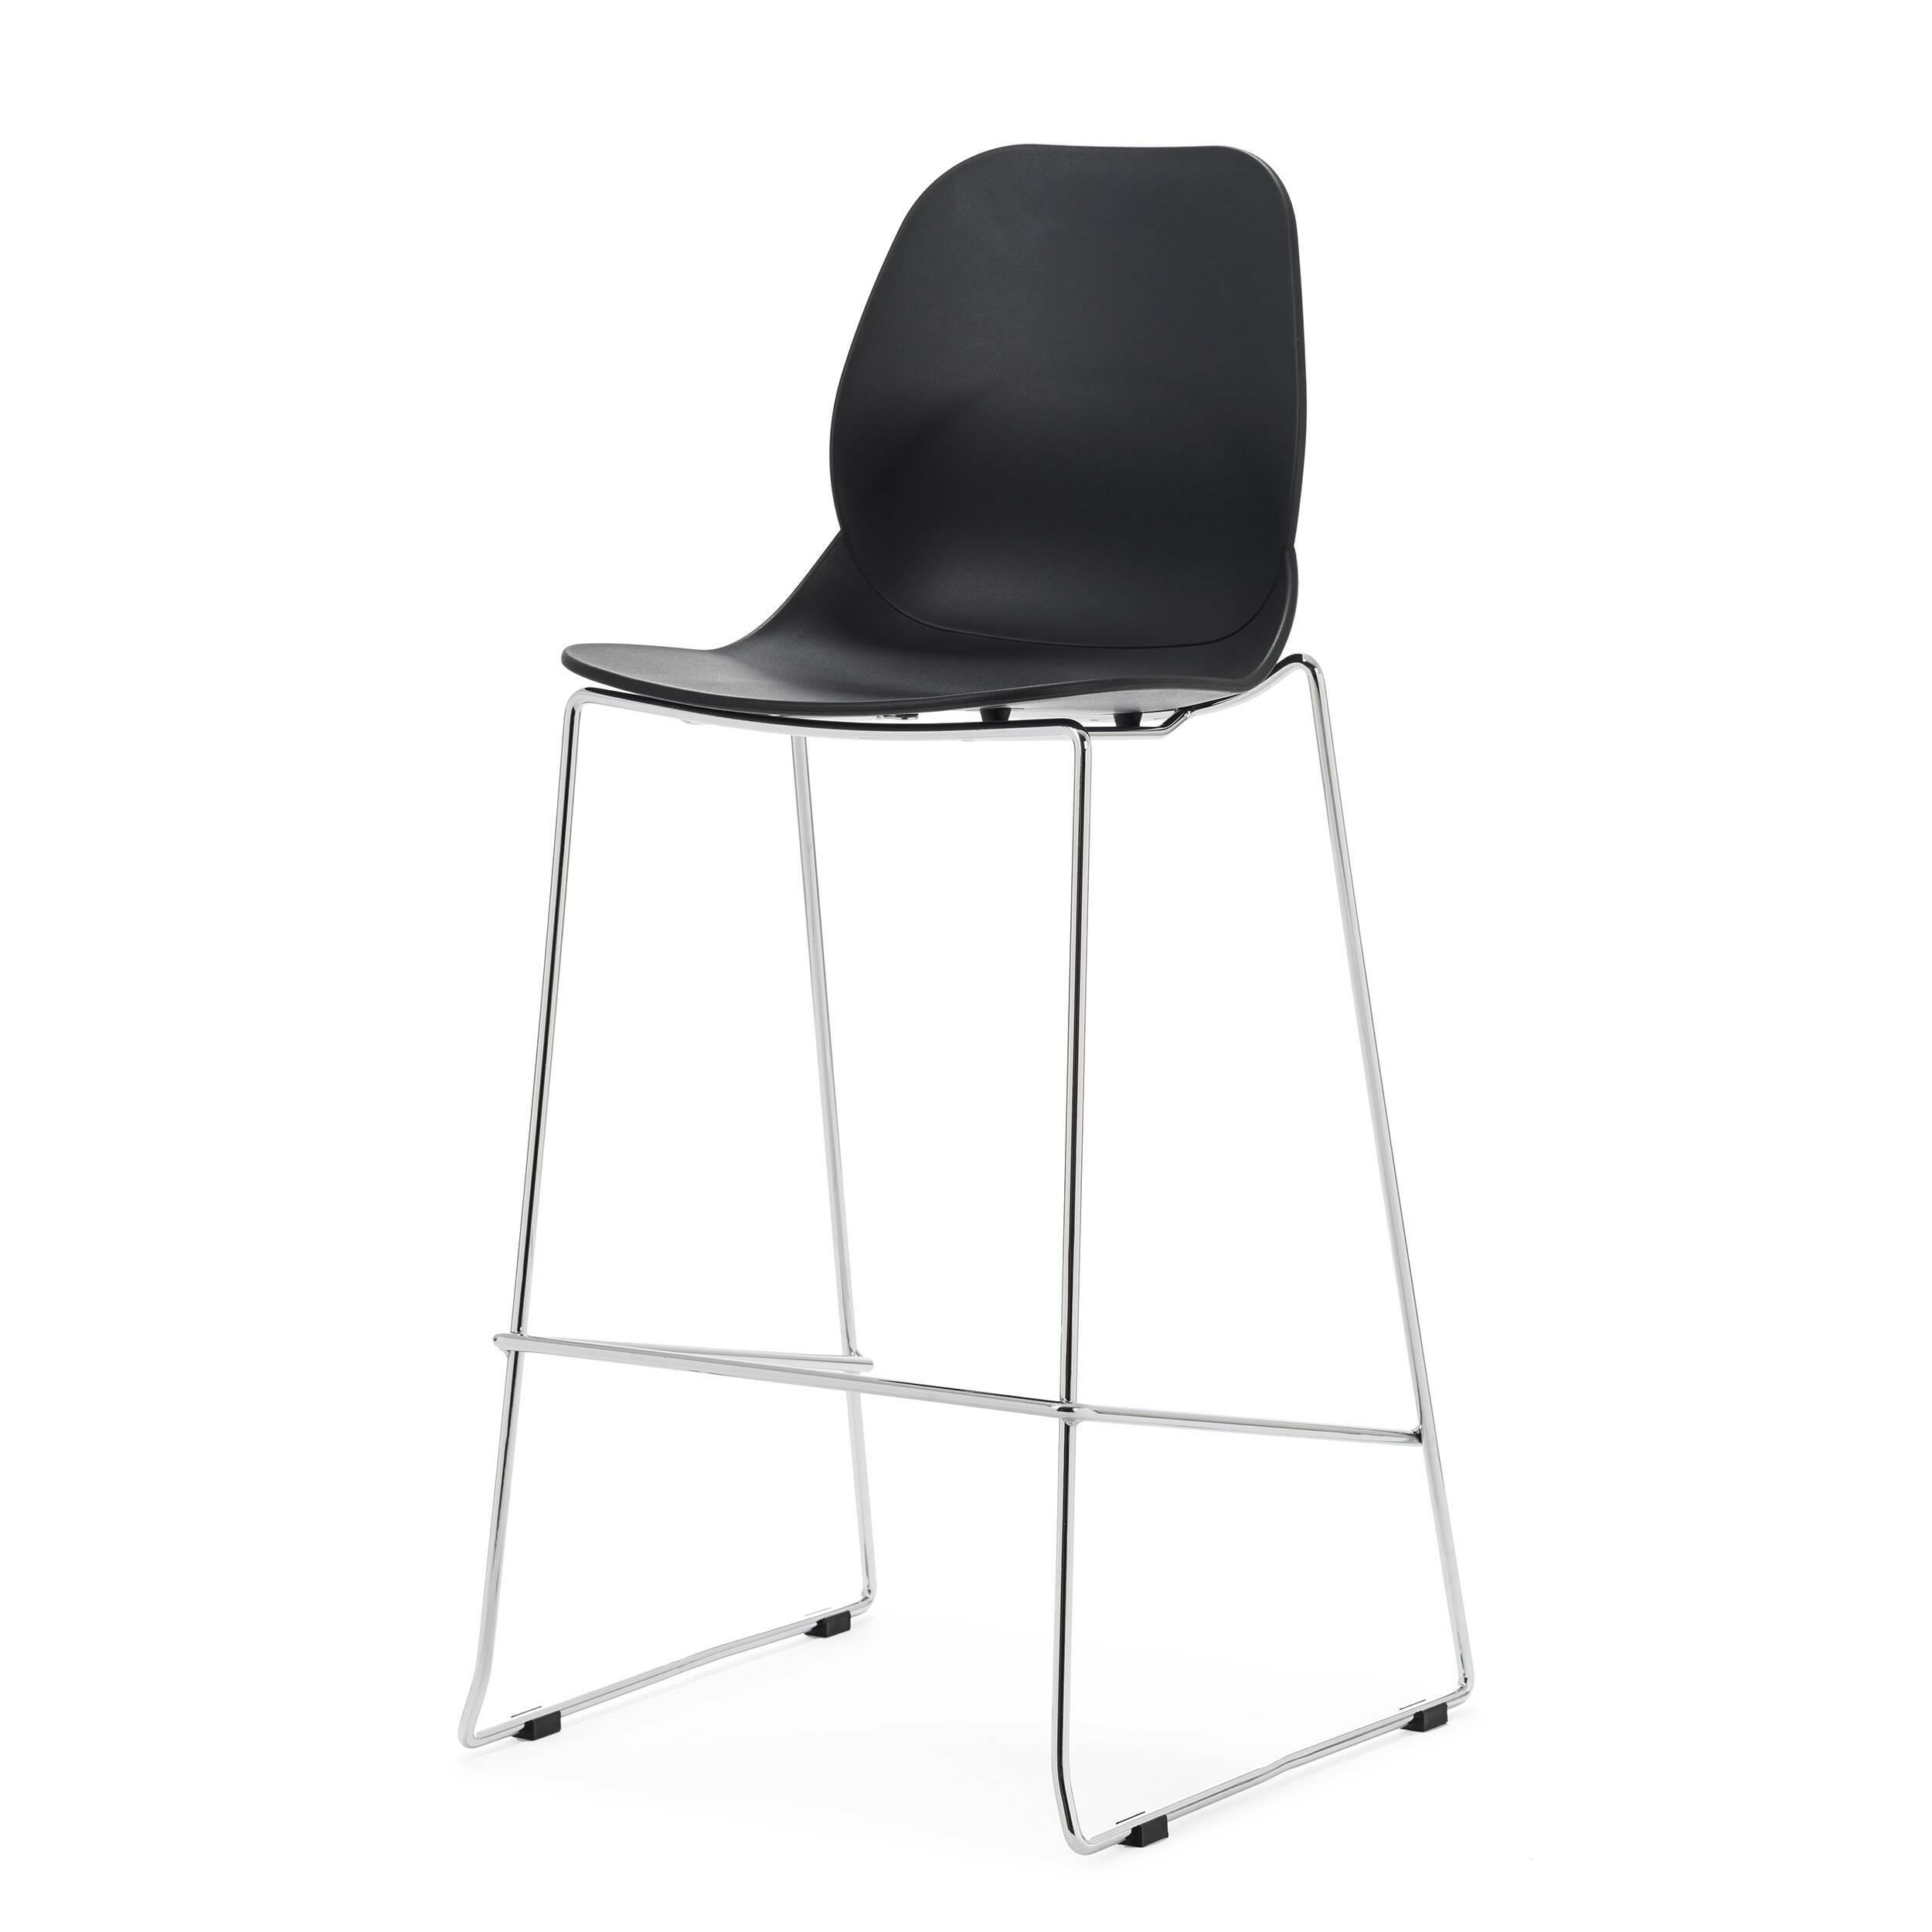 Барный стул LightweightБарные<br>Дизайнерский пластиковый барный стул Lightweight (Лайтвейт) на стальных ножках от Cosmo (Космо). <br>Придайте вашему домашнему интерьеру яркий акцент с помощью яркого барного стула Lightweight от компании Cosmo. Стильная и лаконичная мебель от Cosmo способна как нельзя лучше украсить любой современный интерьер. <br> <br> Более того, стул можно использовать и на открытом воздухе. Если вы будучи предпринимателем находитесь в поисках подходящей мебели для летней веранды вашего кафе, то оригинальный ба...<br><br>stock: 1<br>Высота: 112<br>Высота сиденья: 76<br>Ширина: 54<br>Глубина: 49,5<br>Цвет ножек: Хром<br>Цвет сидения: Черный<br>Тип материала сидения: Полипропилен<br>Тип материала ножек: Сталь нержавеющая